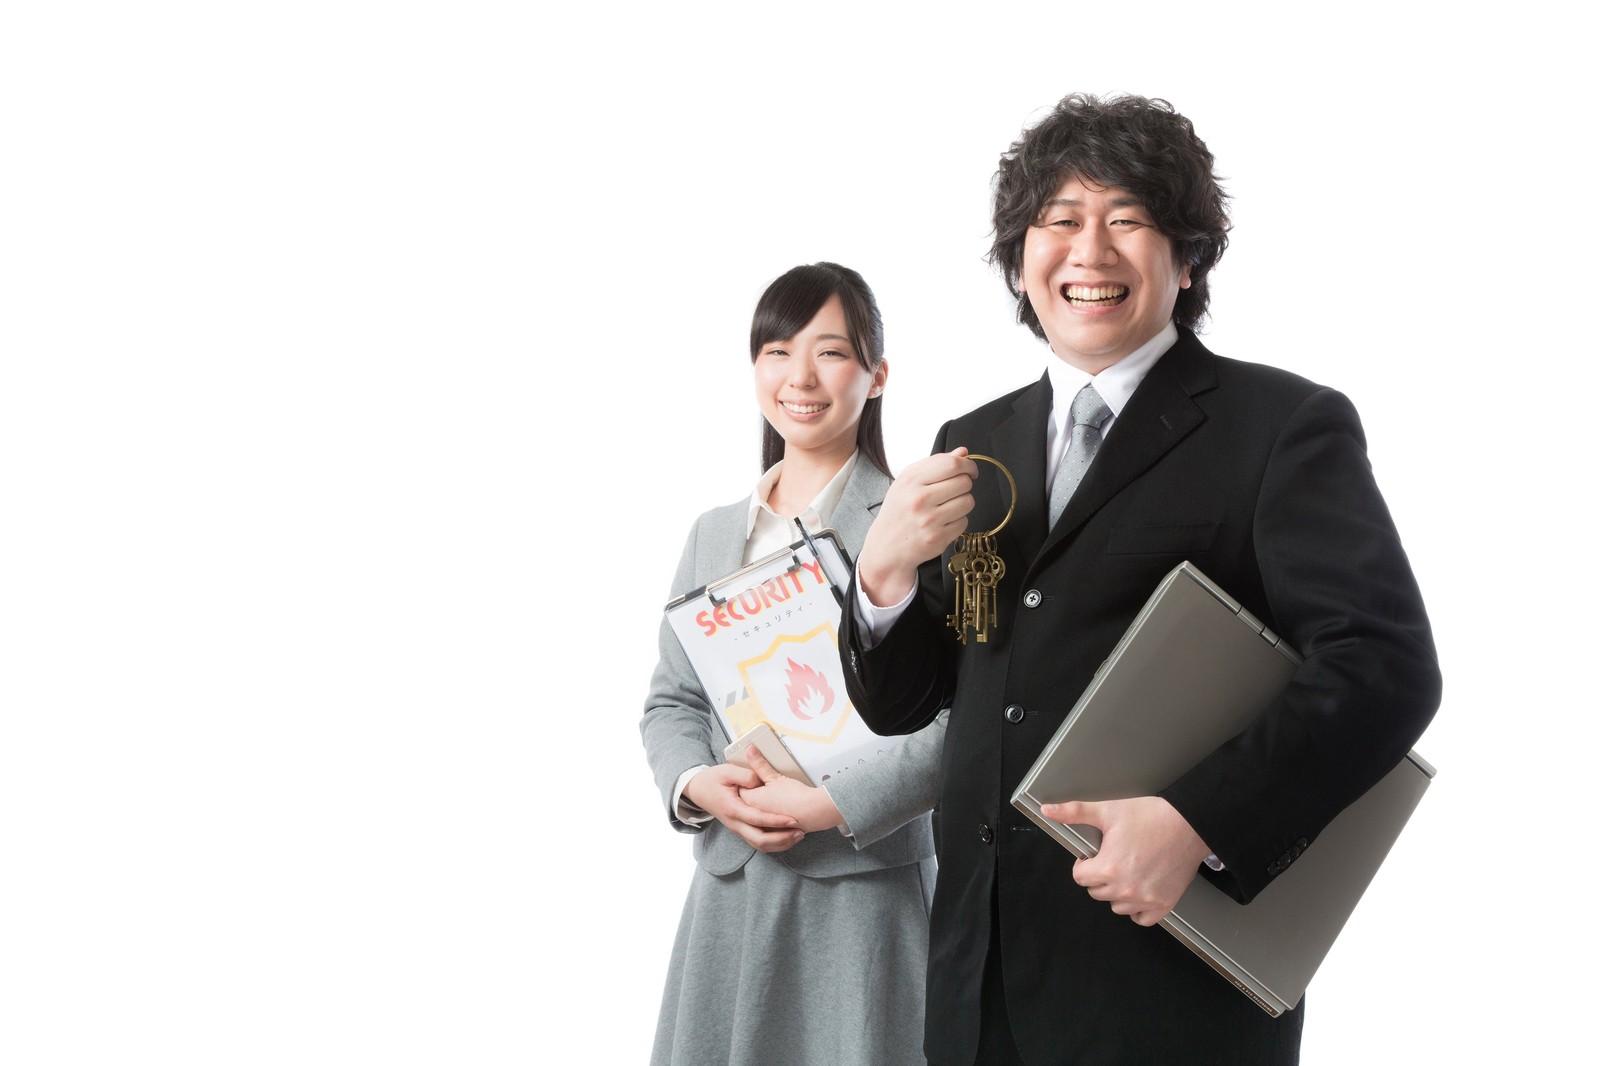 【未経験者向け】プログラマーの研修がある仕事を探せるサイト 5 選!